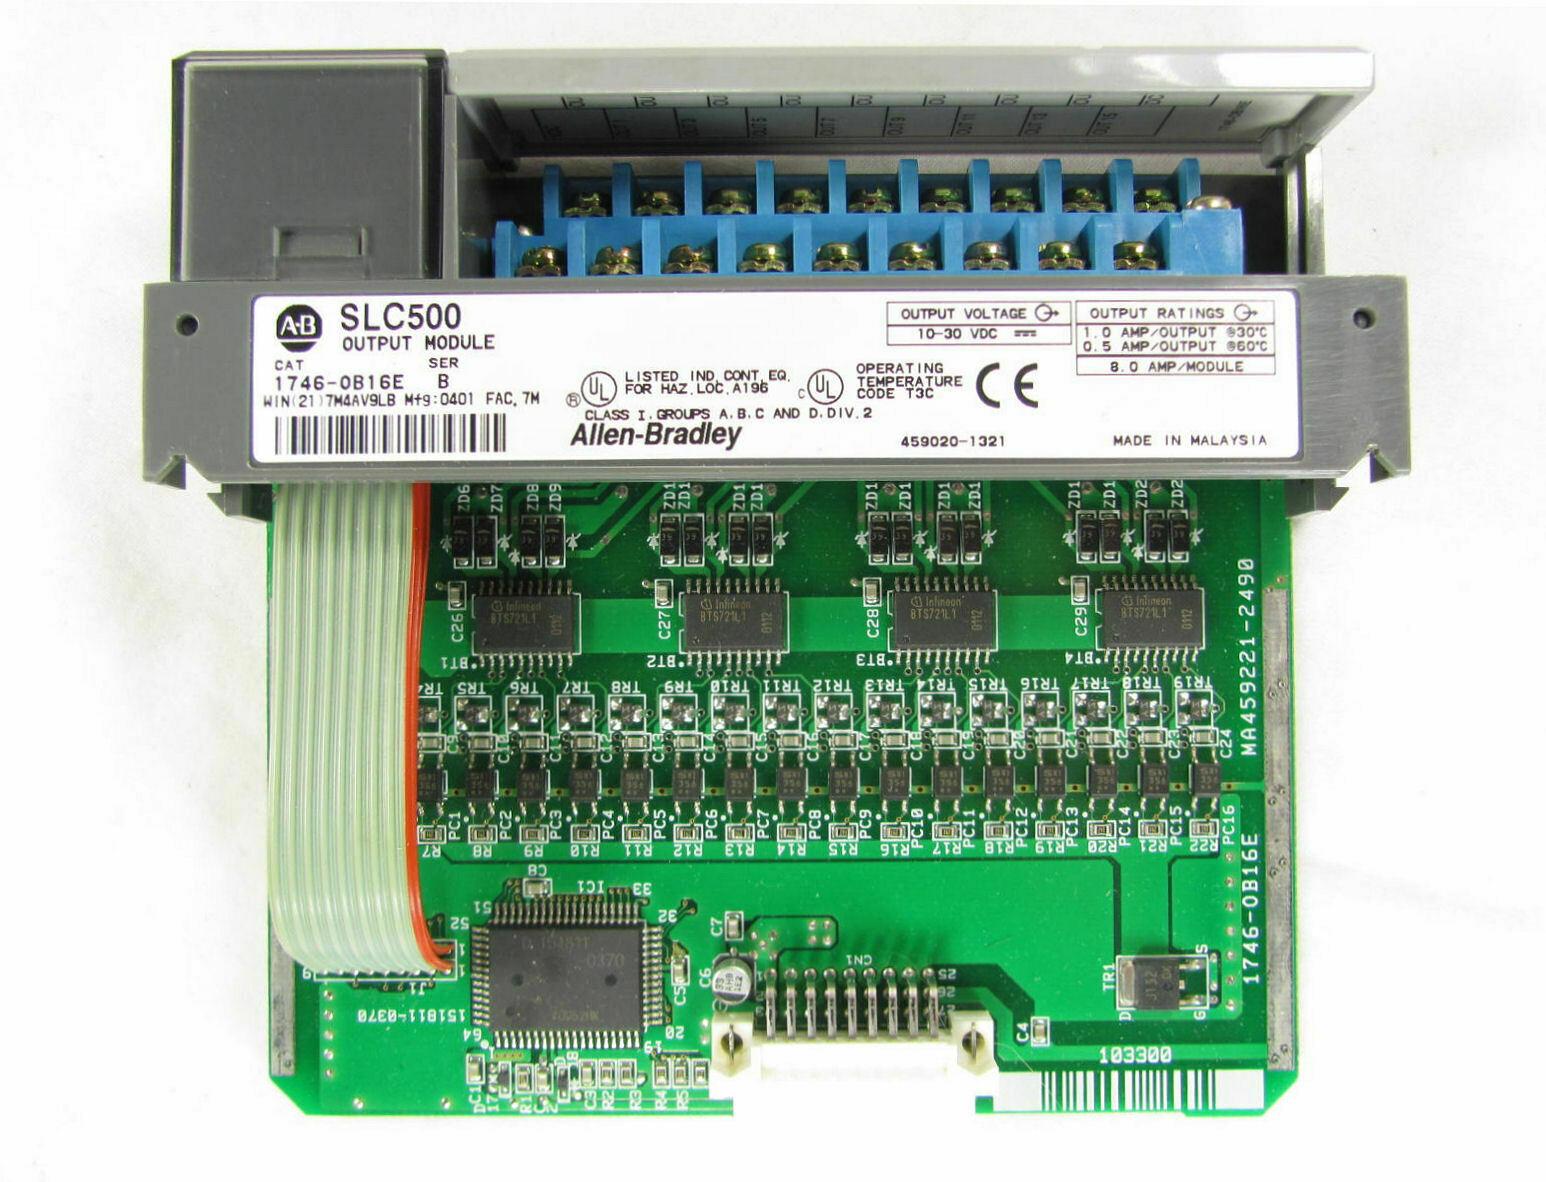 直流输出模块: 1746-OB16E